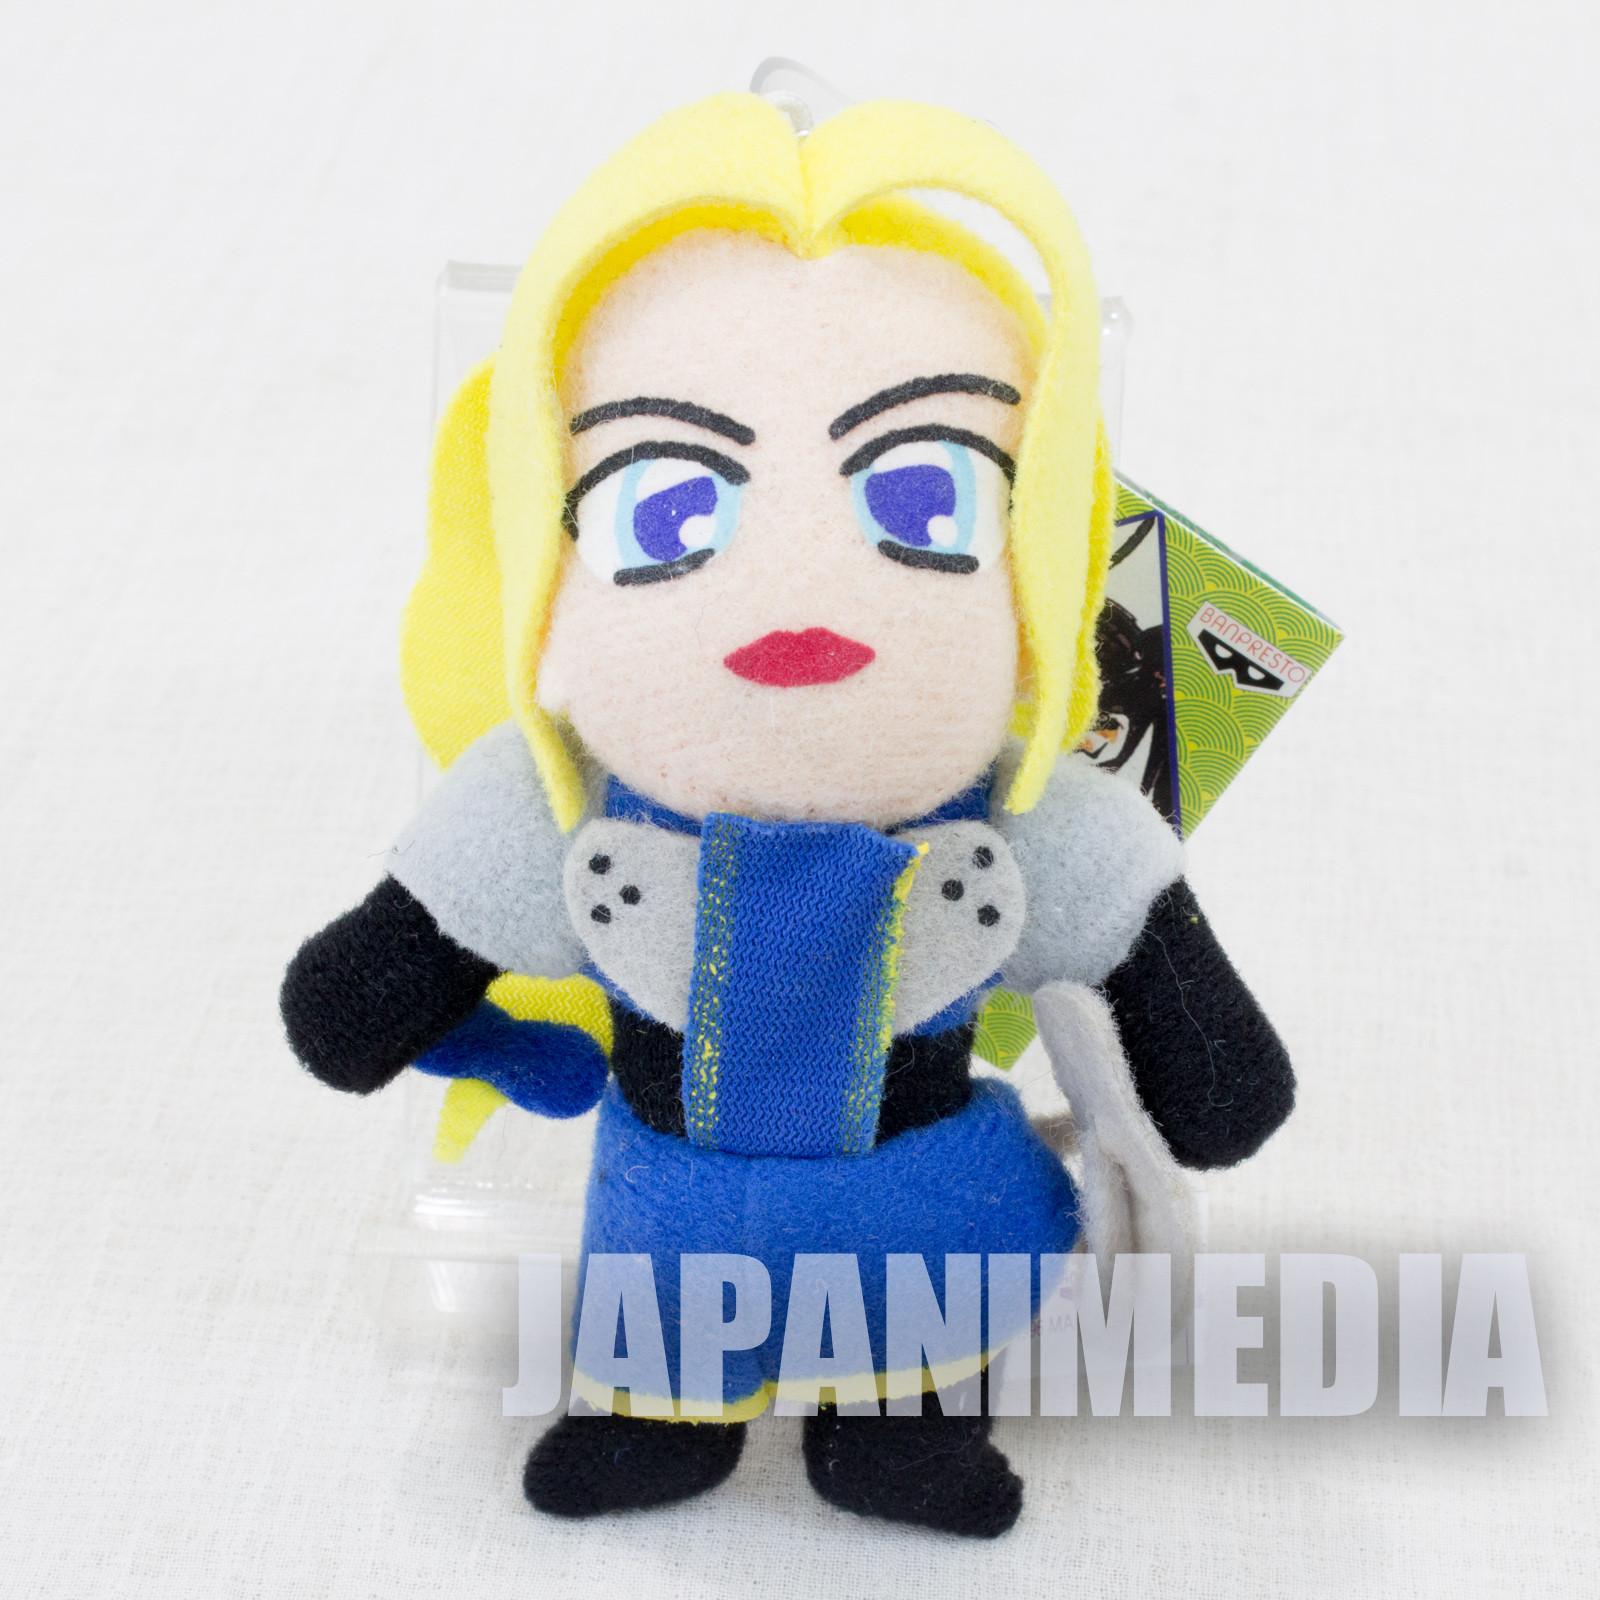 Retro RARE! Samurai Shodown Charlotte Plush Doll Keychain SNK NEOGEO SPIRITS